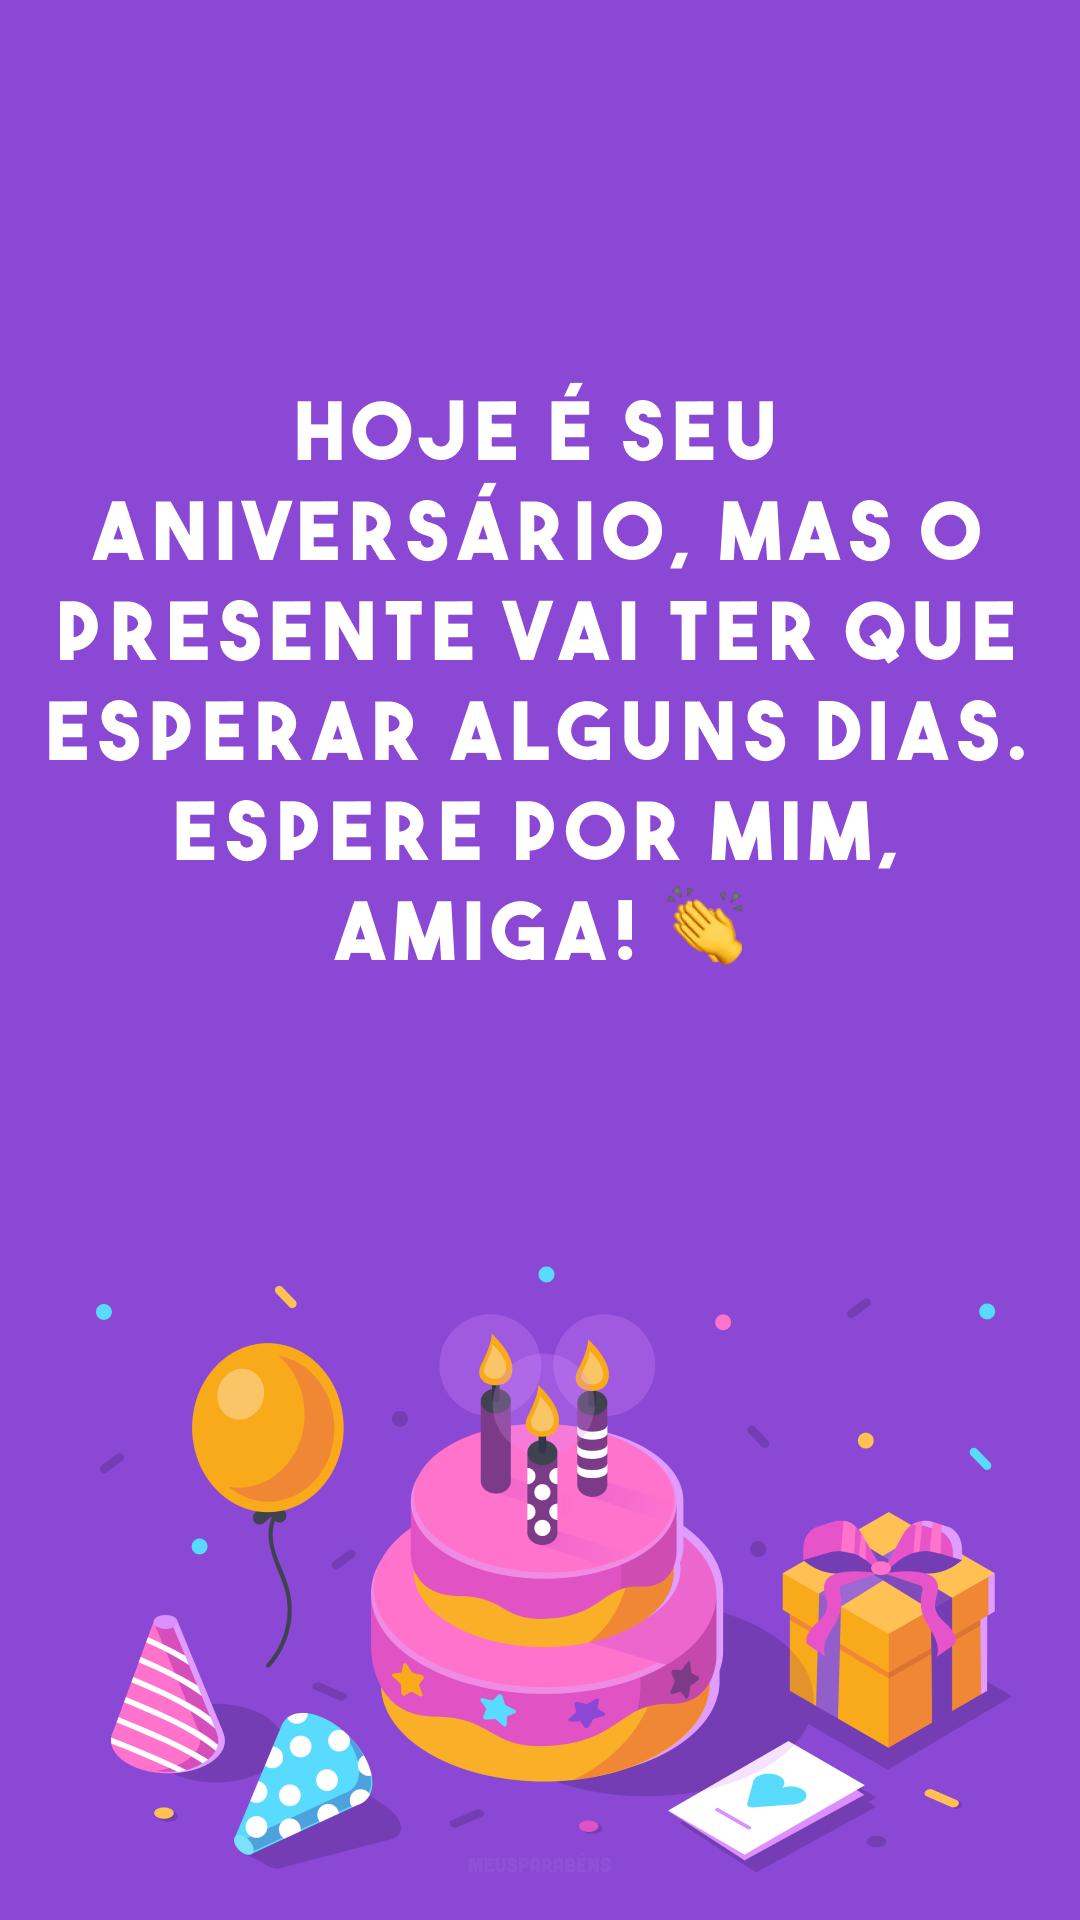 Hoje é seu aniversário, mas o presente vai ter que esperar alguns dias. Espere por mim, amiga! 👏